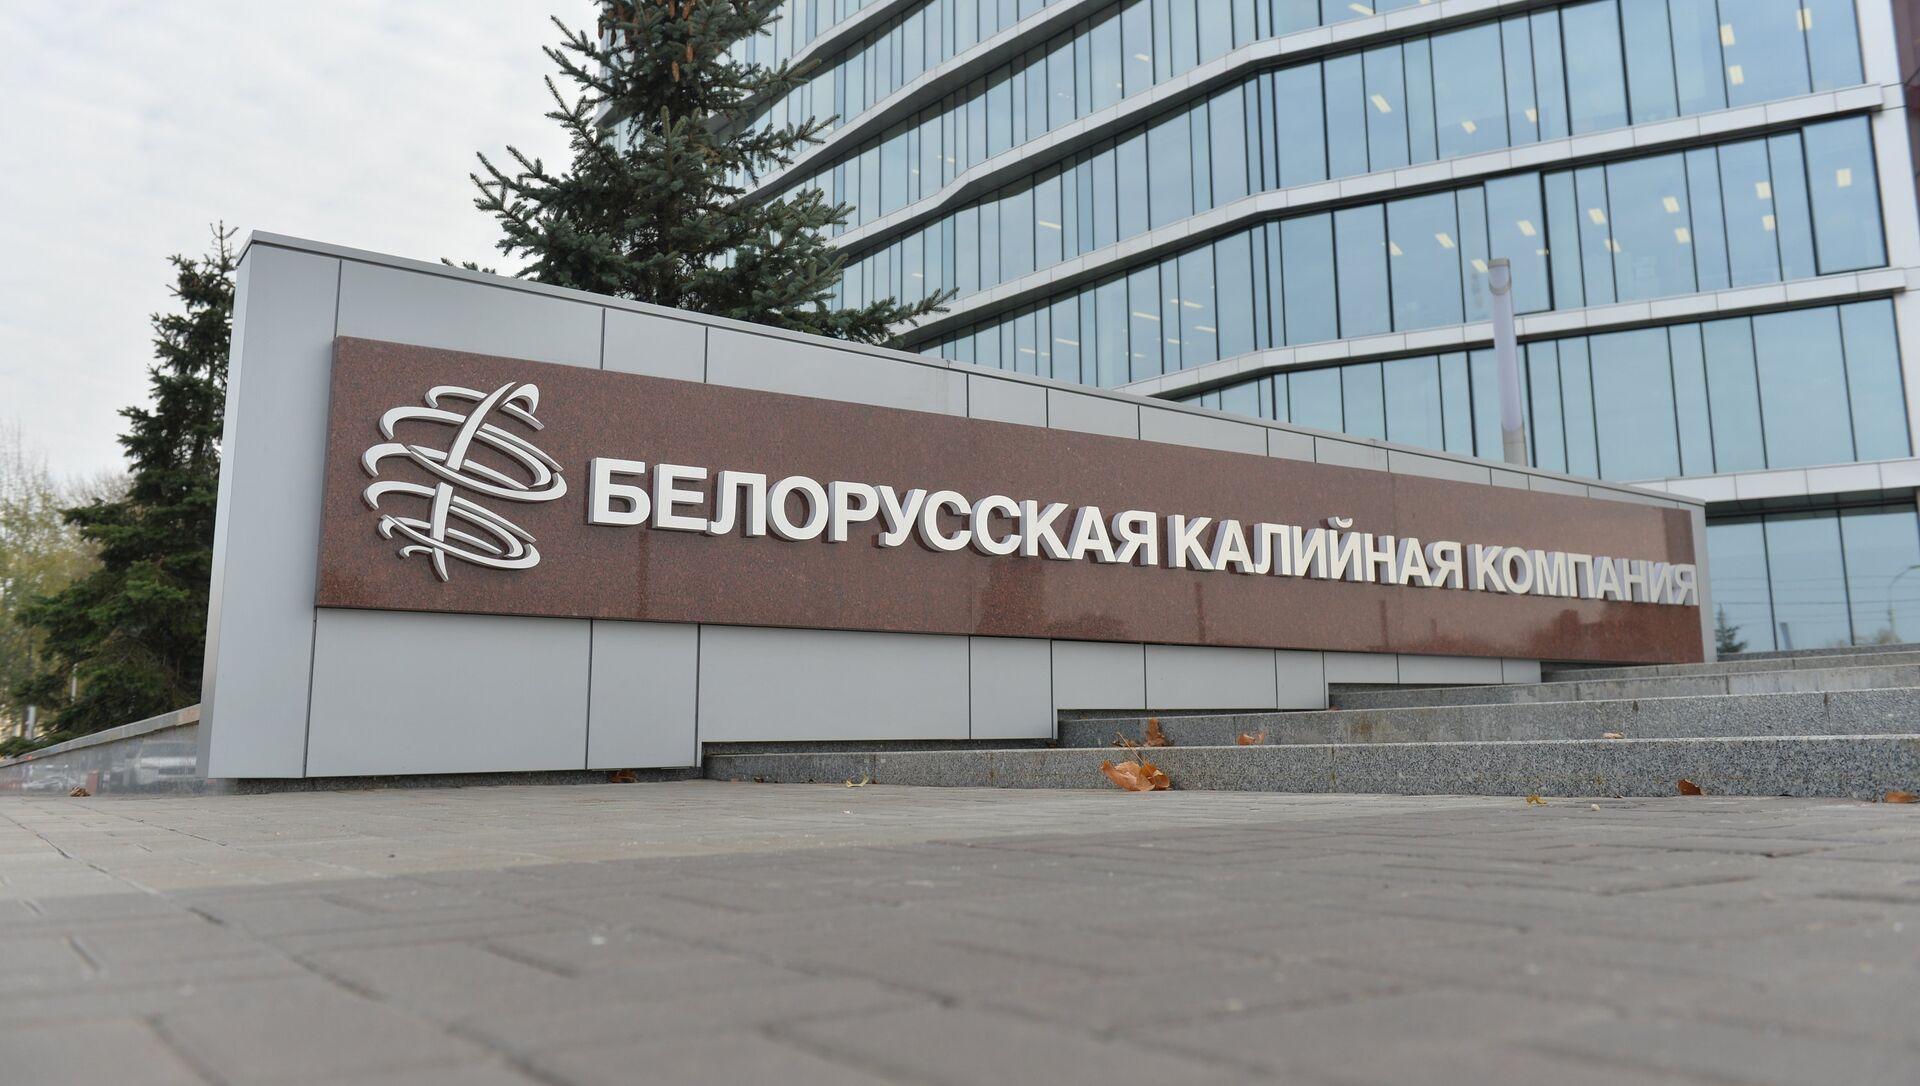 Белорусская калийная компания - Sputnik Беларусь, 1920, 05.04.2021